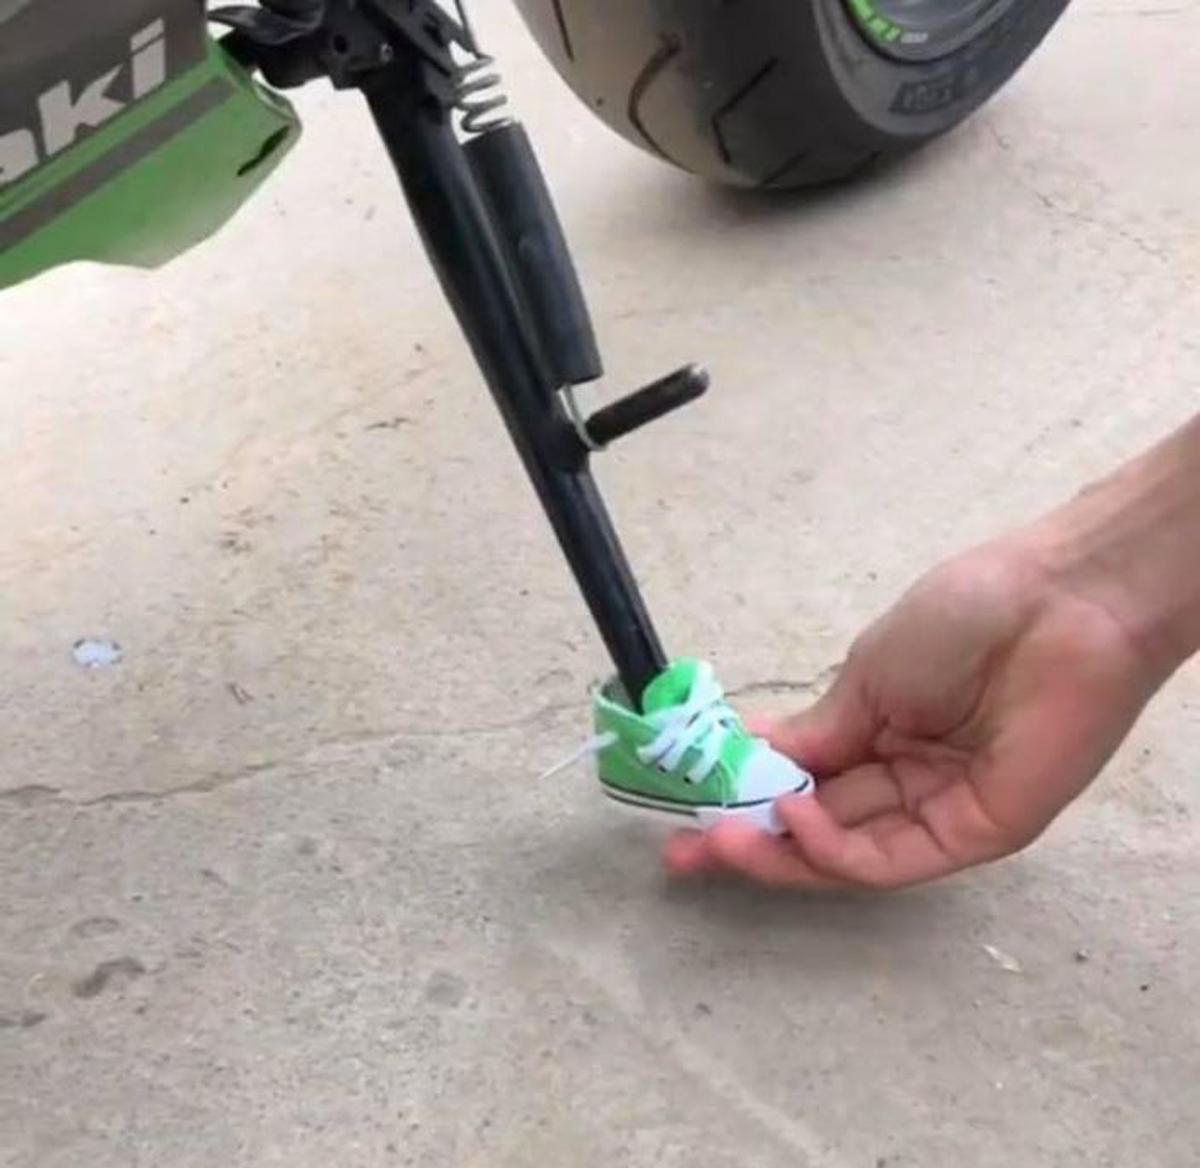 Chân chống xe được mang giày cá tính - 2